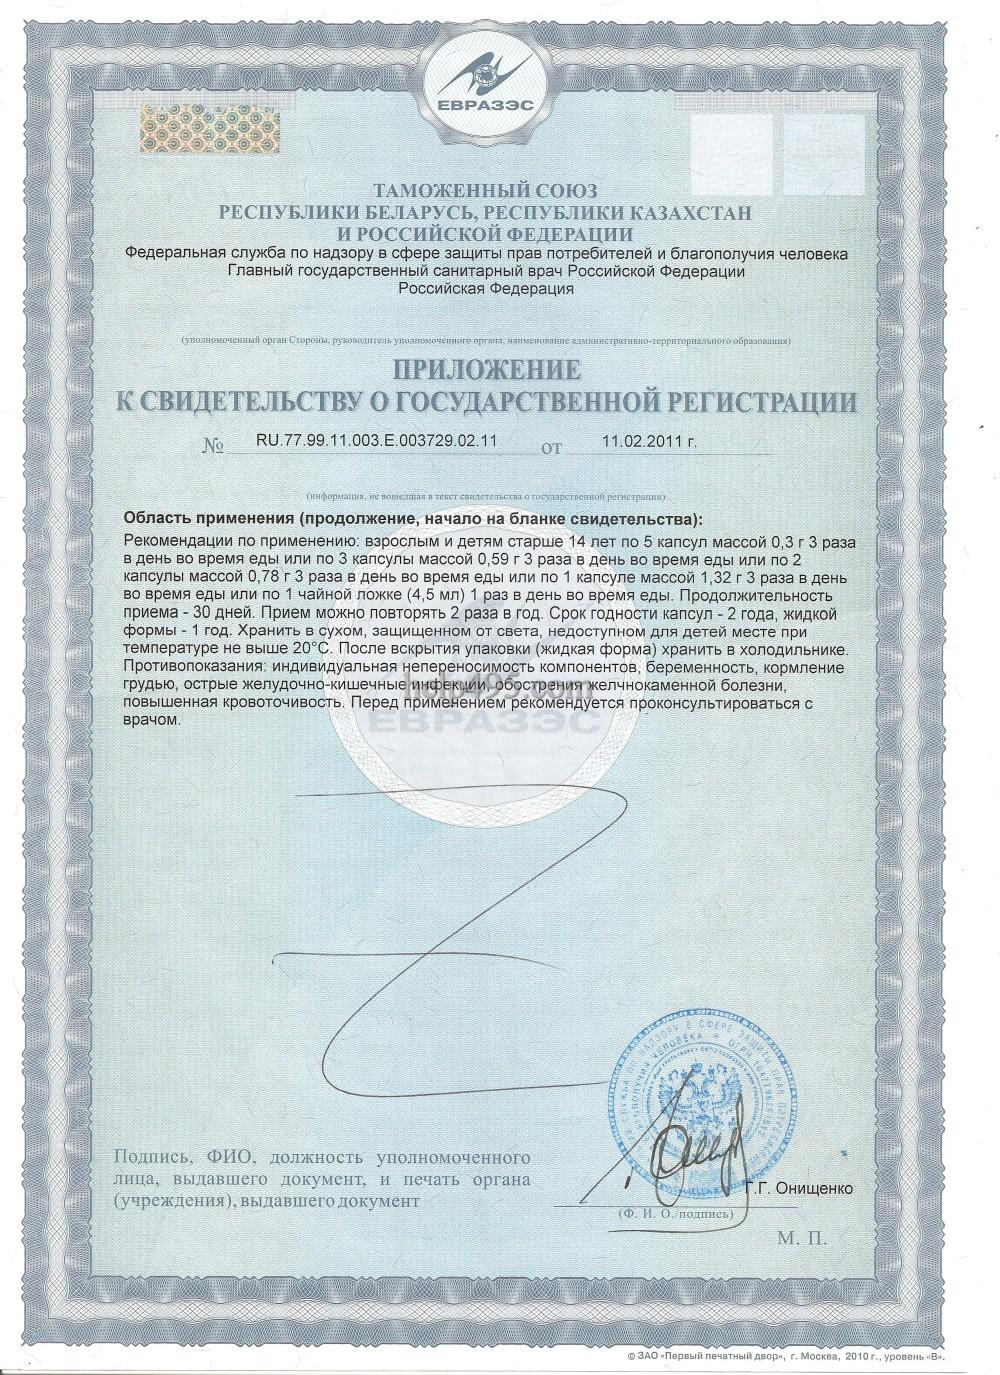 2-ая стр. сертификата препарата: Полиен с облепиховым маслом и витамином Е Тяньши